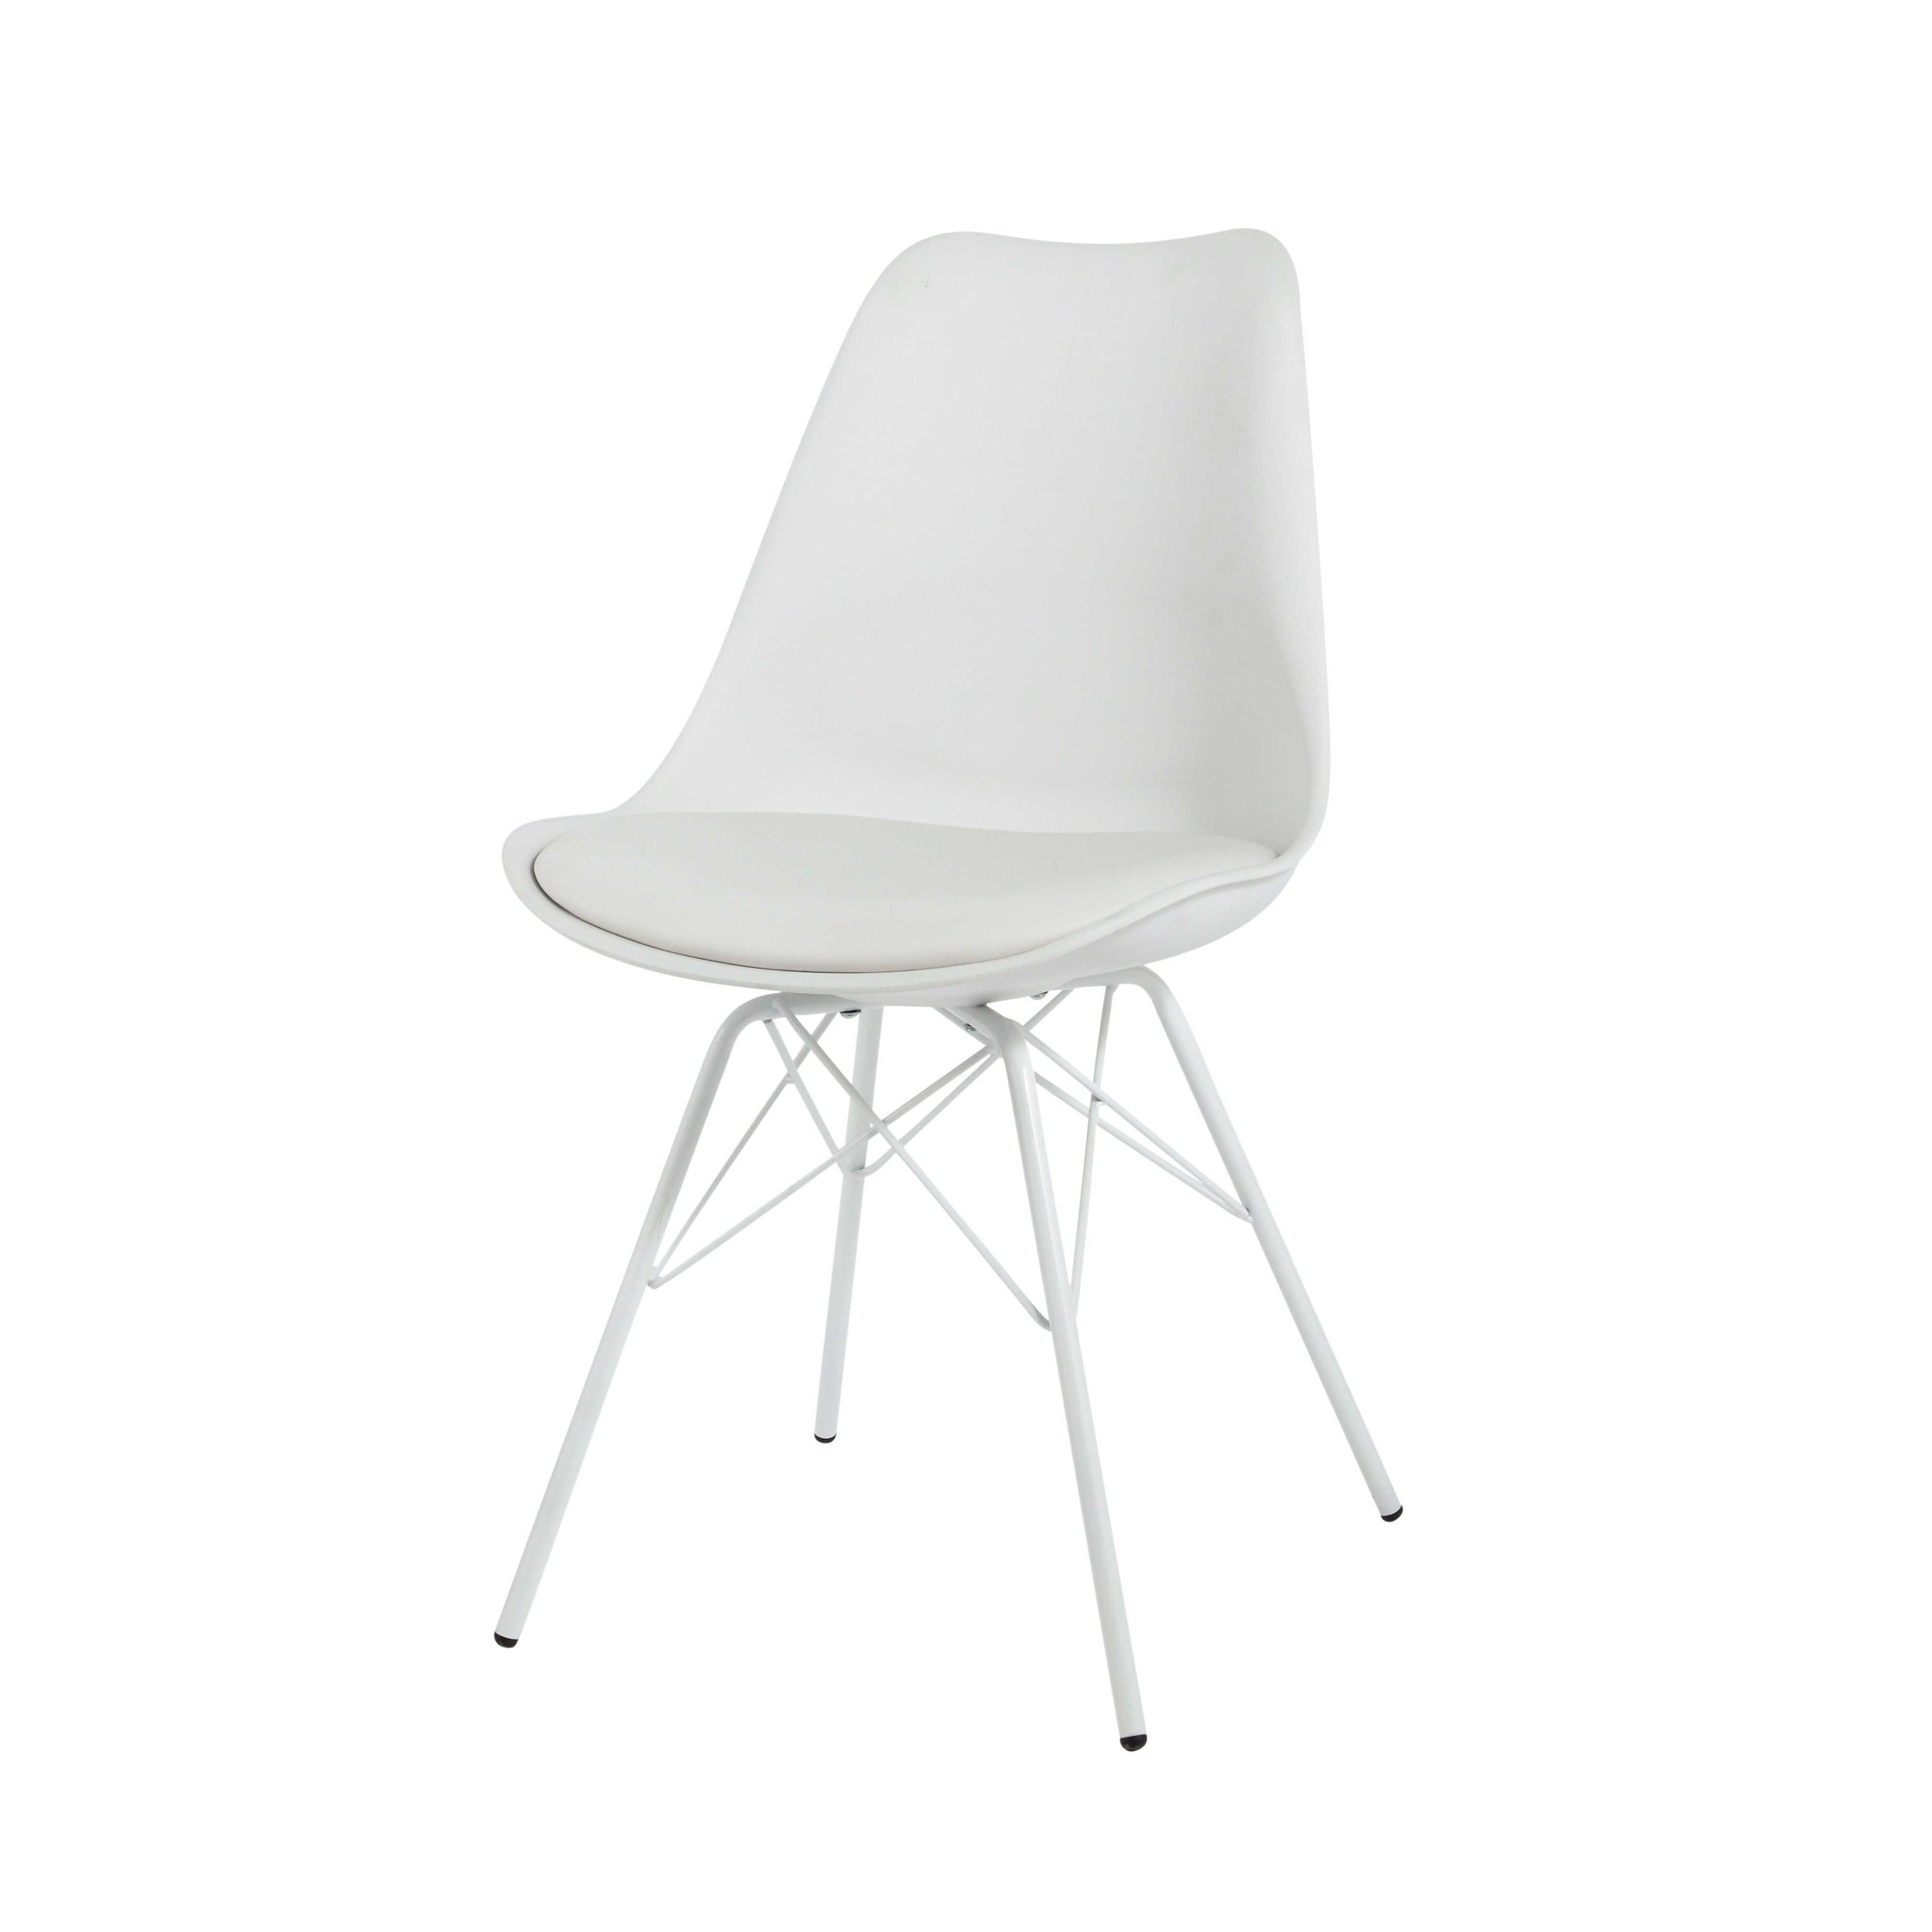 chaise acapulco maison du monde affordable fauteuil cabriolet en lin rose louis maisons du. Black Bedroom Furniture Sets. Home Design Ideas